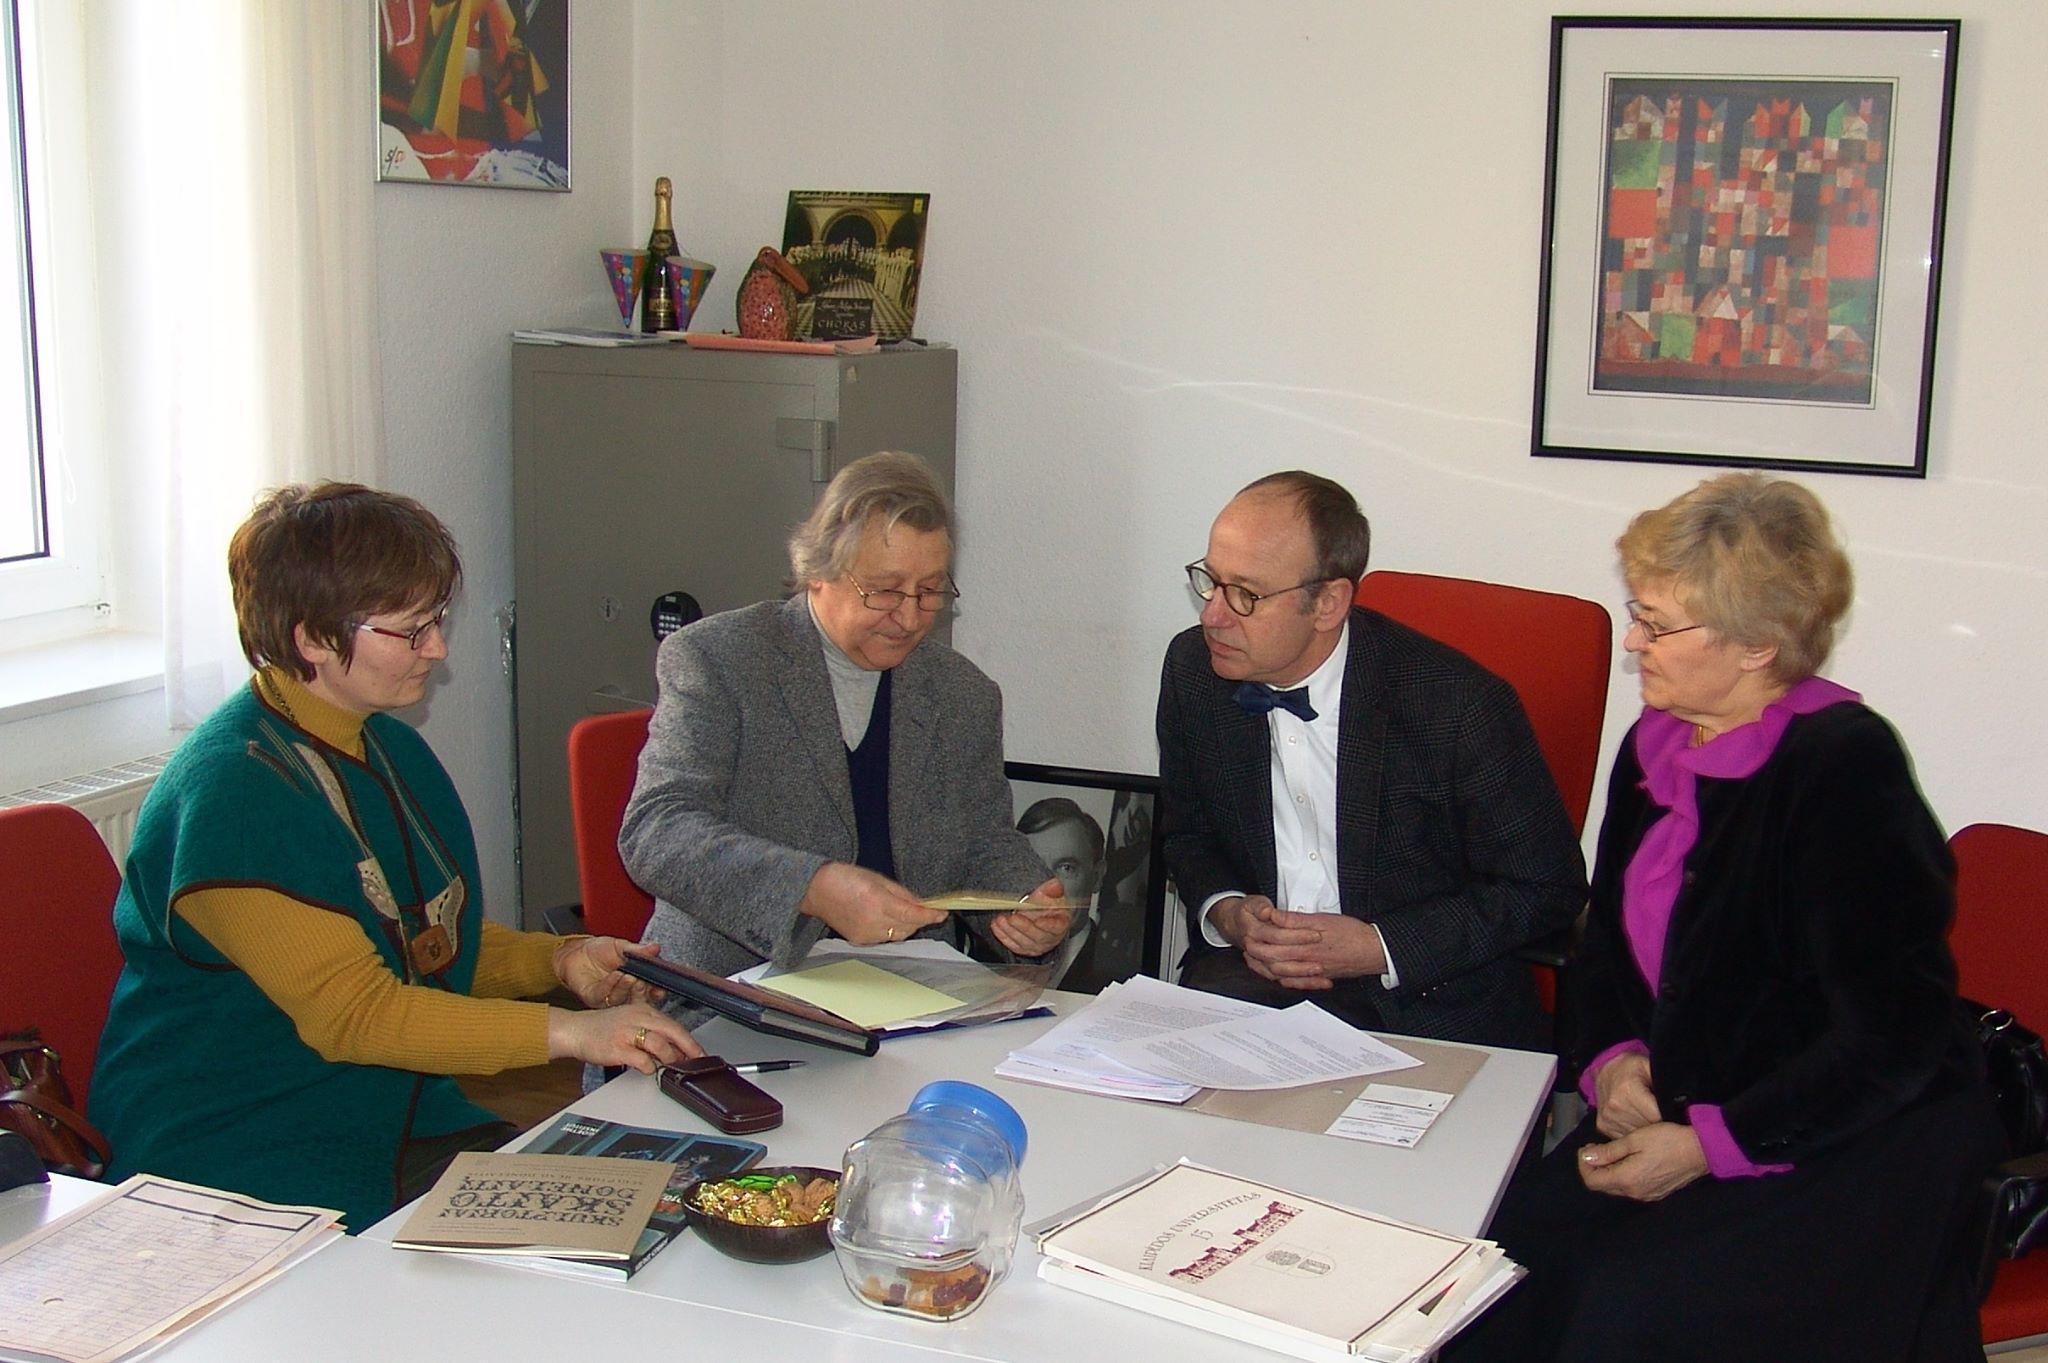 Vokietijos ambasadoje su kancleriu W.H. Nehliu aptariamas Vydūno įamžinimas Detmolde. 2012 m. | V. Bagdonavičiaus asmeninė nuotr.